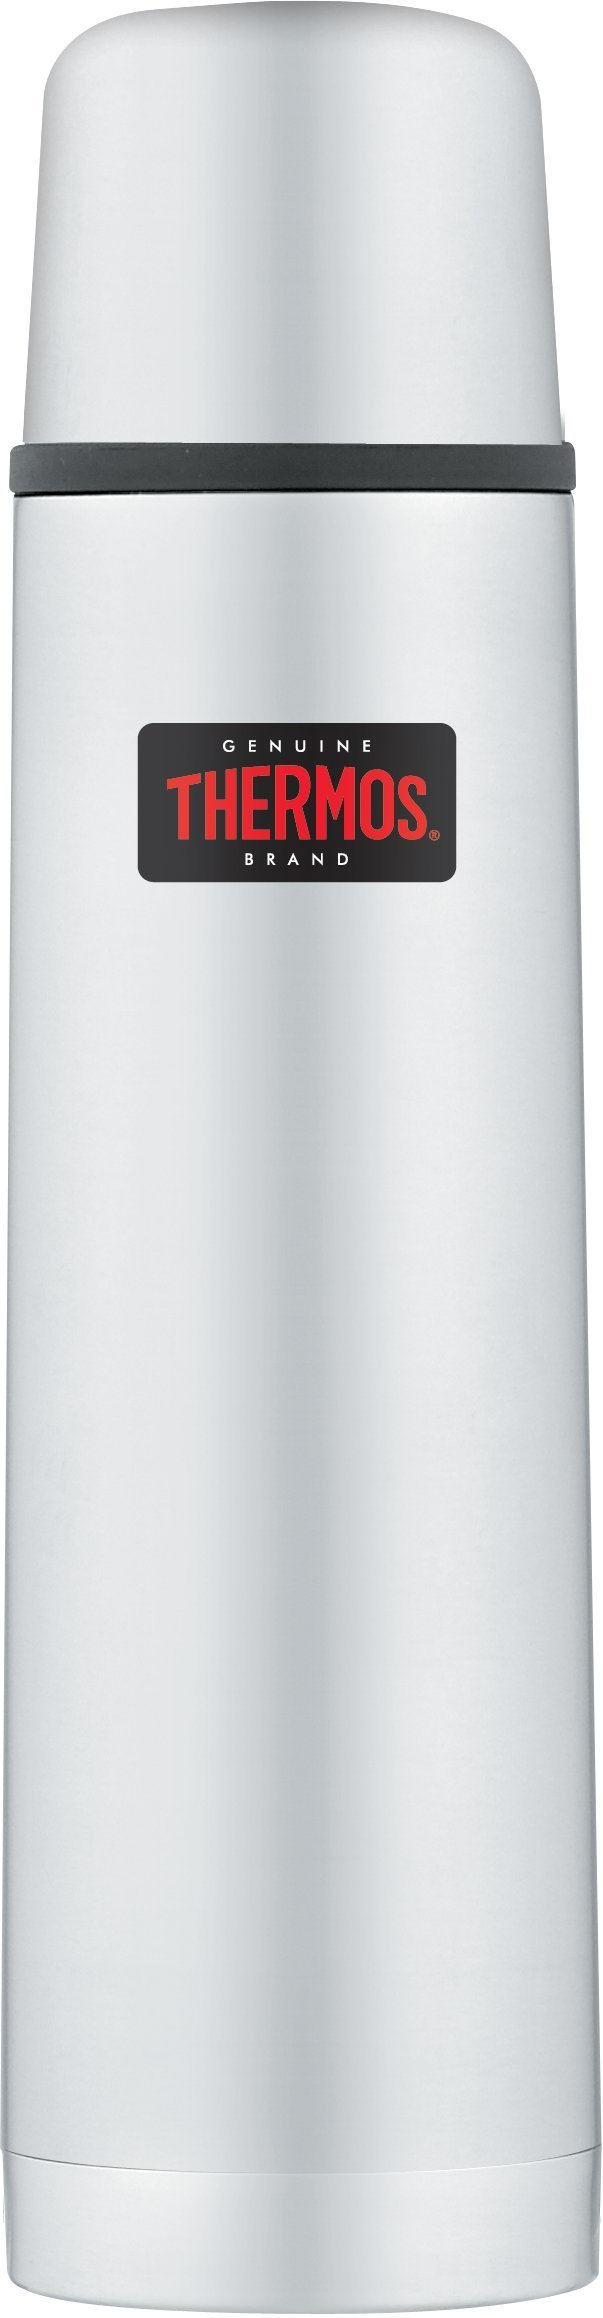 Thermos - Termo de café (1 L) product image